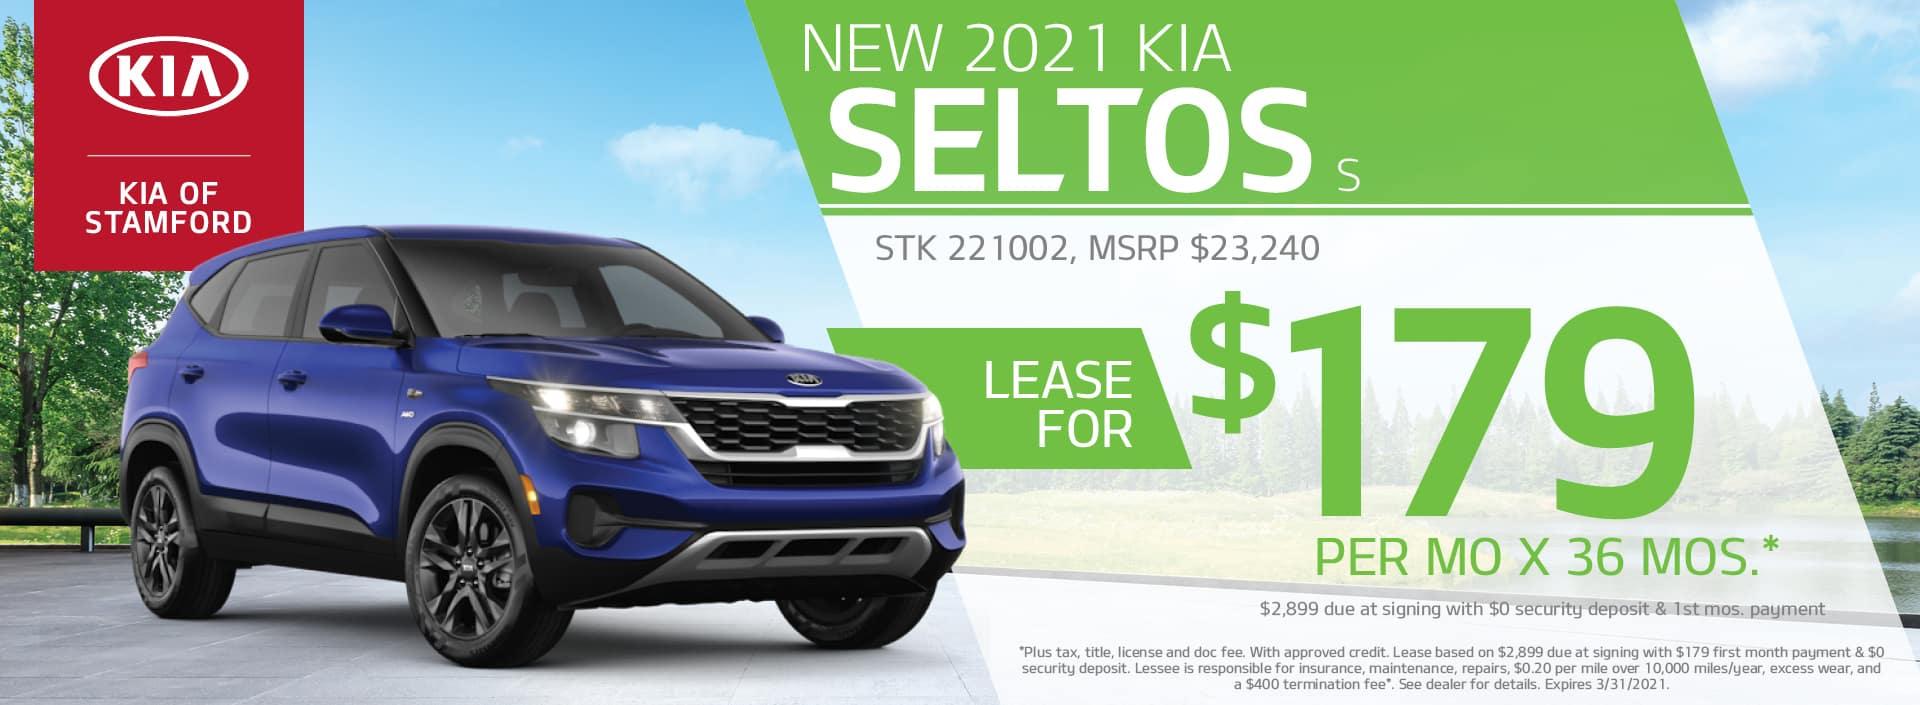 2021 Kia Seltos Lease Offer | Kia of Stamford